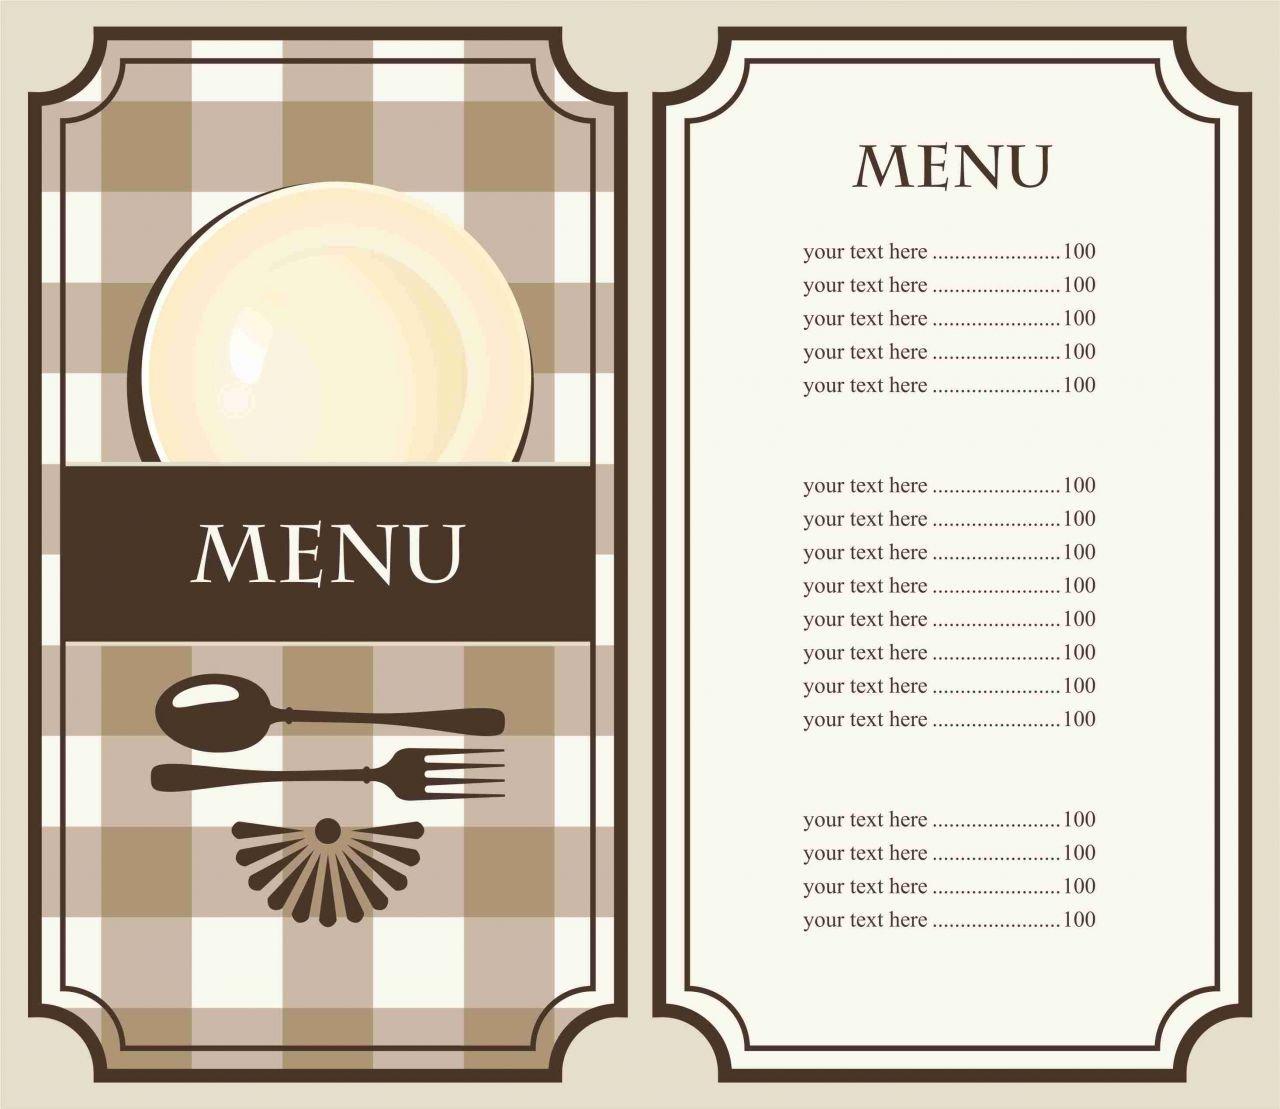 Как сделать меню из бумаги своими руками 71